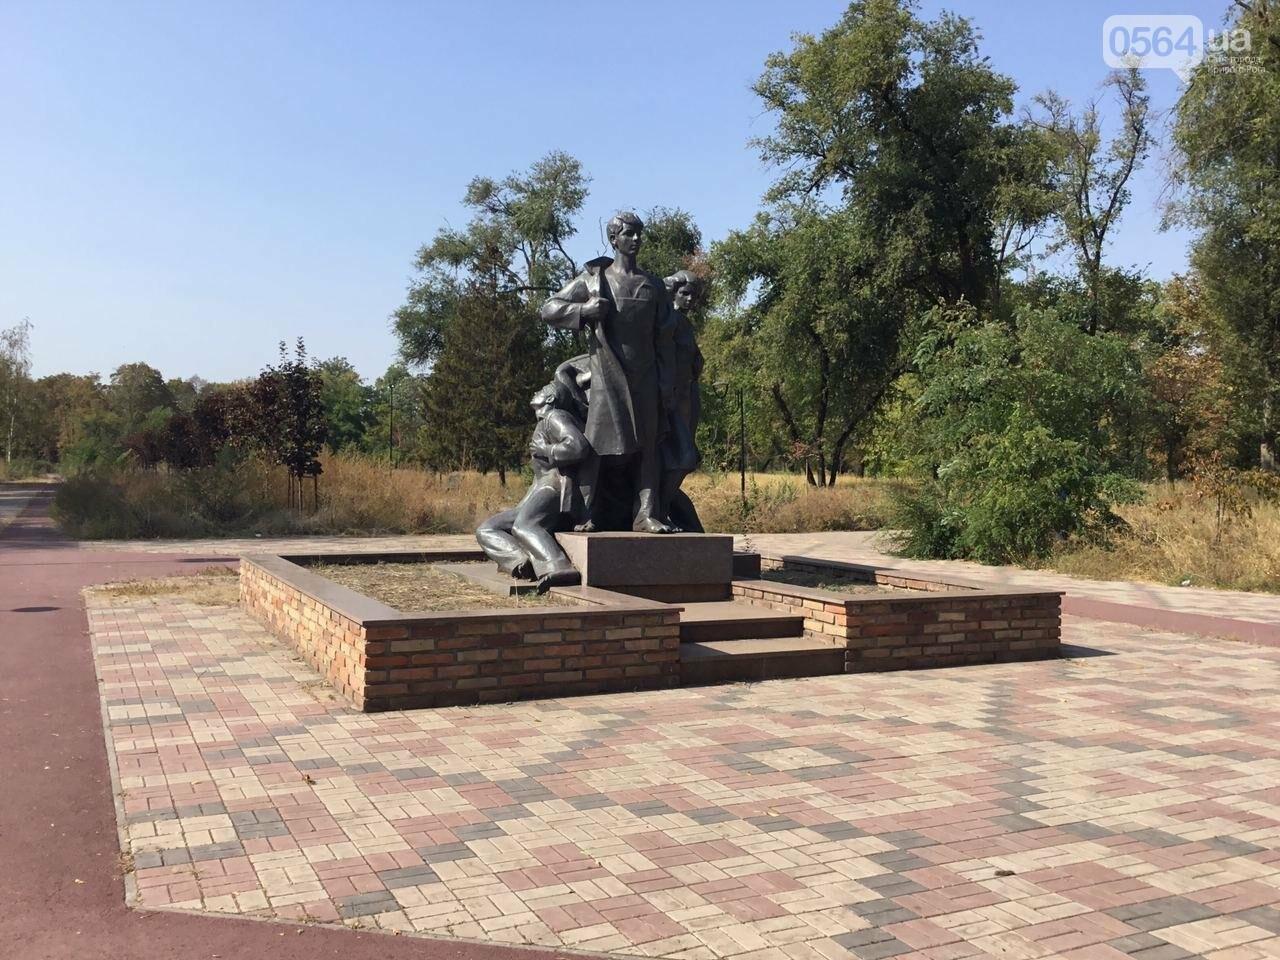 """""""Политика и бесхозяйственность"""", - криворожане поделились мнениями о Гданцевском парке, - ФОТО, ВИДЕО, фото-40"""